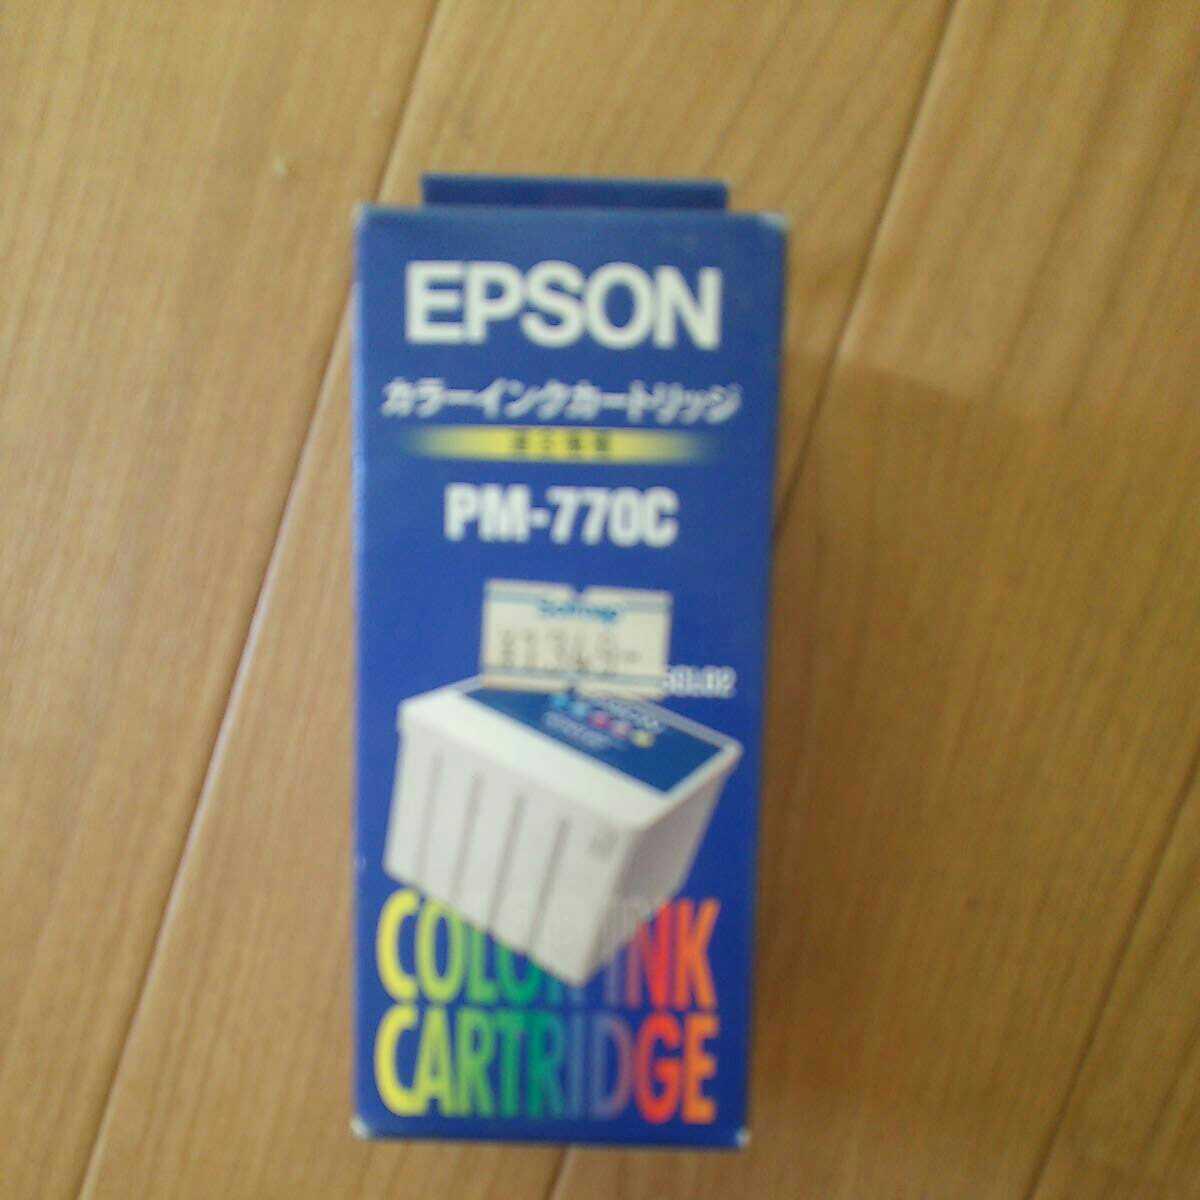 EPSON インクカートリッジ エプソン純正インク 期限切れ IC5CL02_画像1